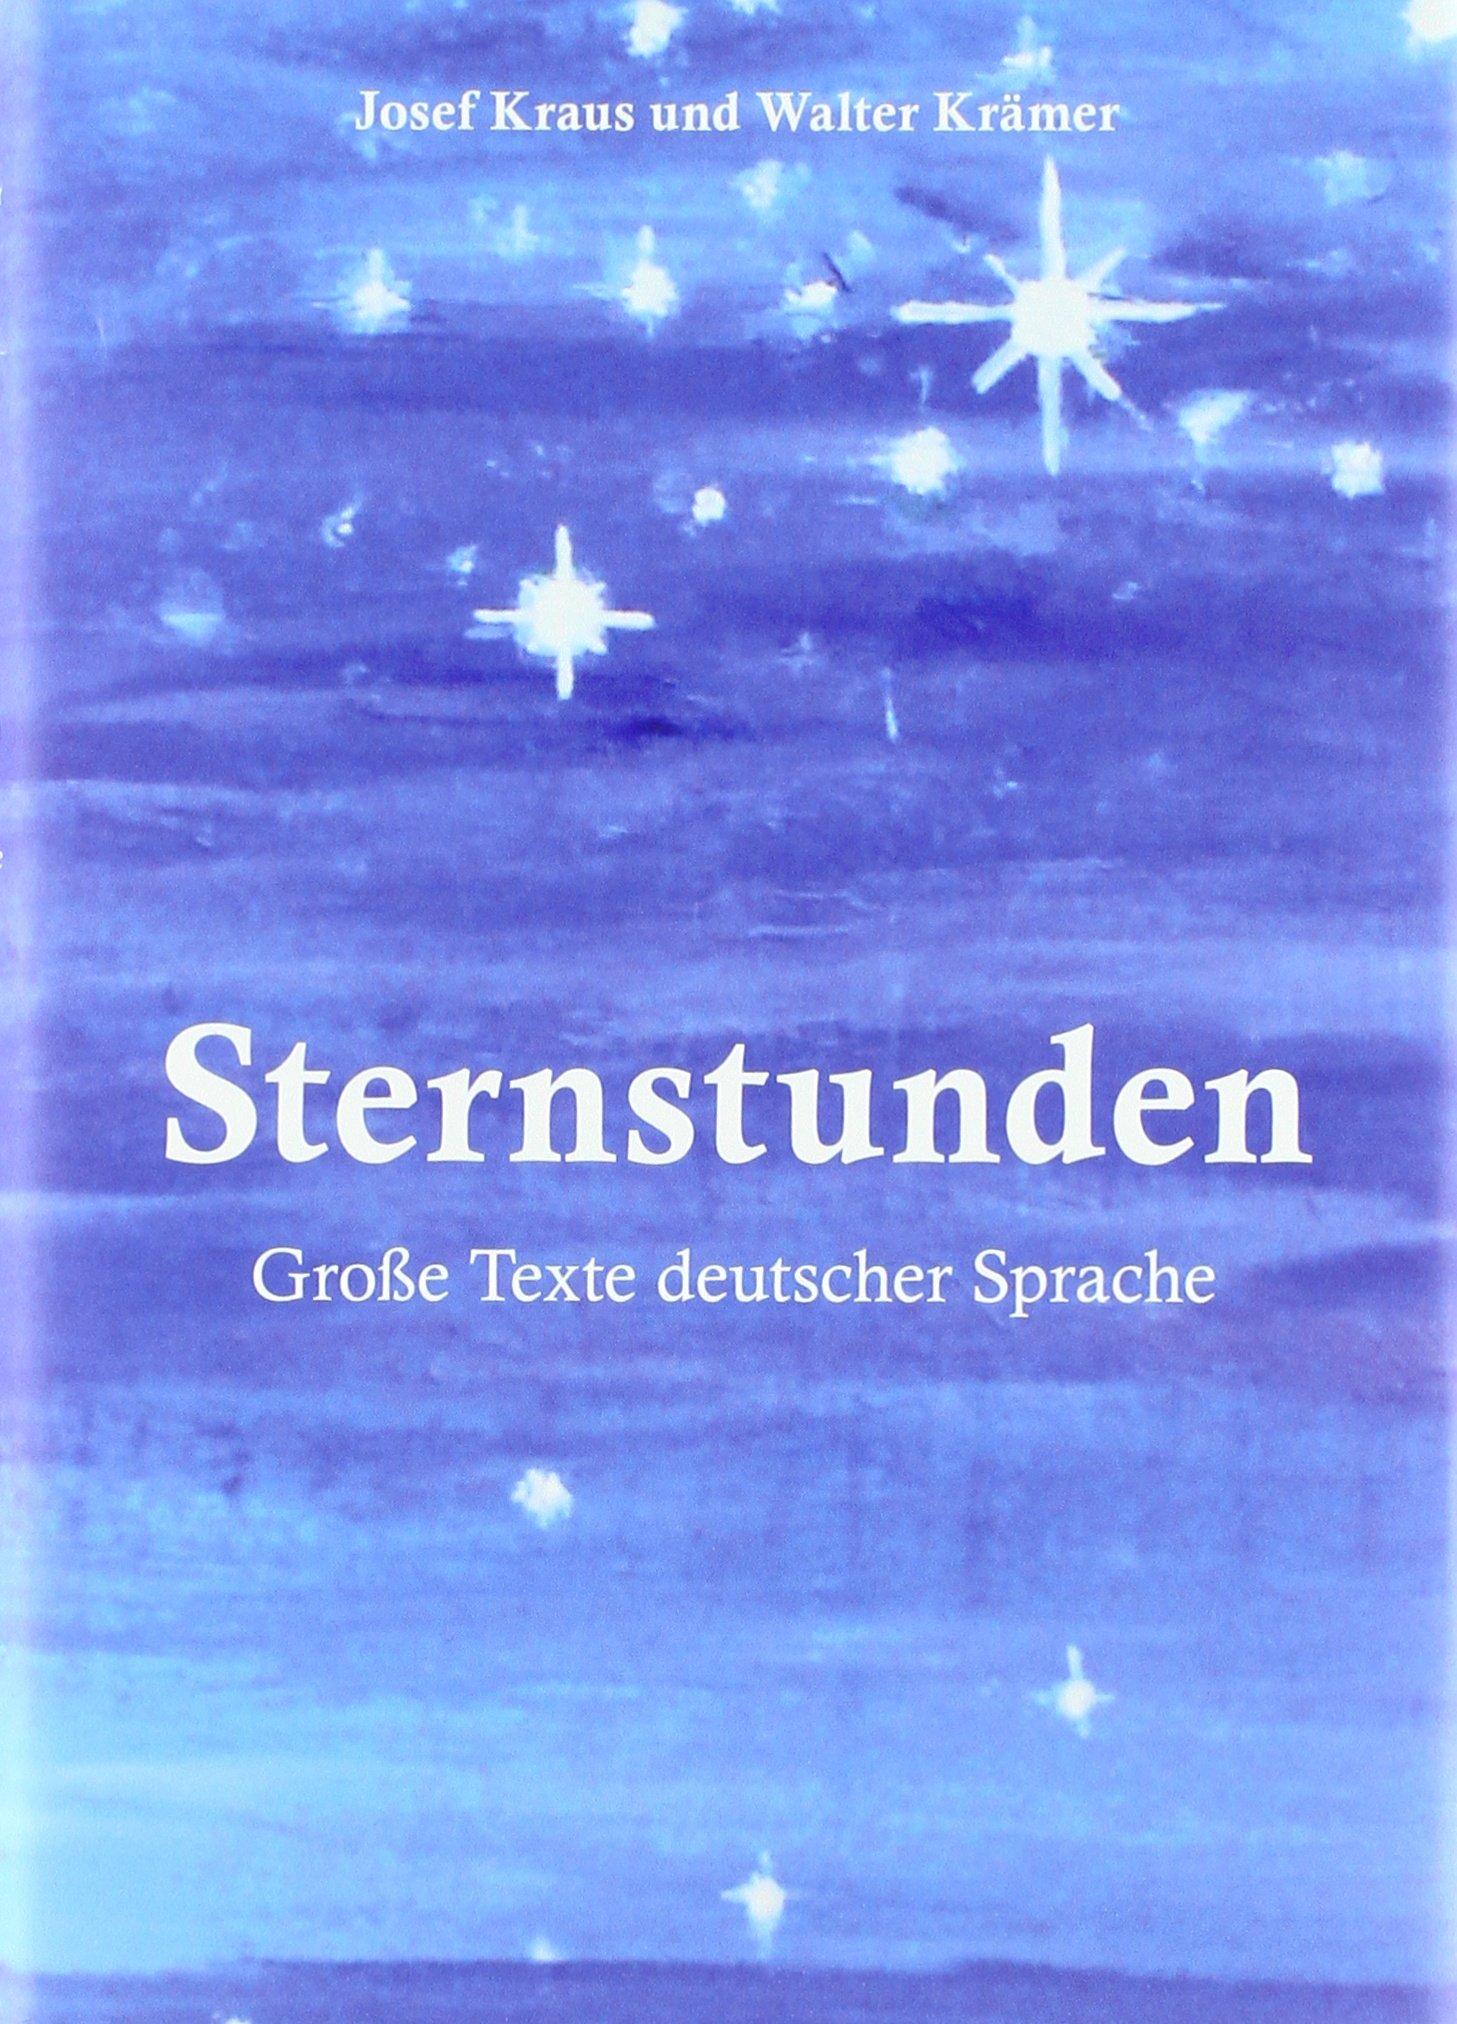 Sternstunden: Große Texte deutscher Sprache Gebundenes Buch – 1. März 2018 Josef Kraus Walter Krämer IFB 3942409747